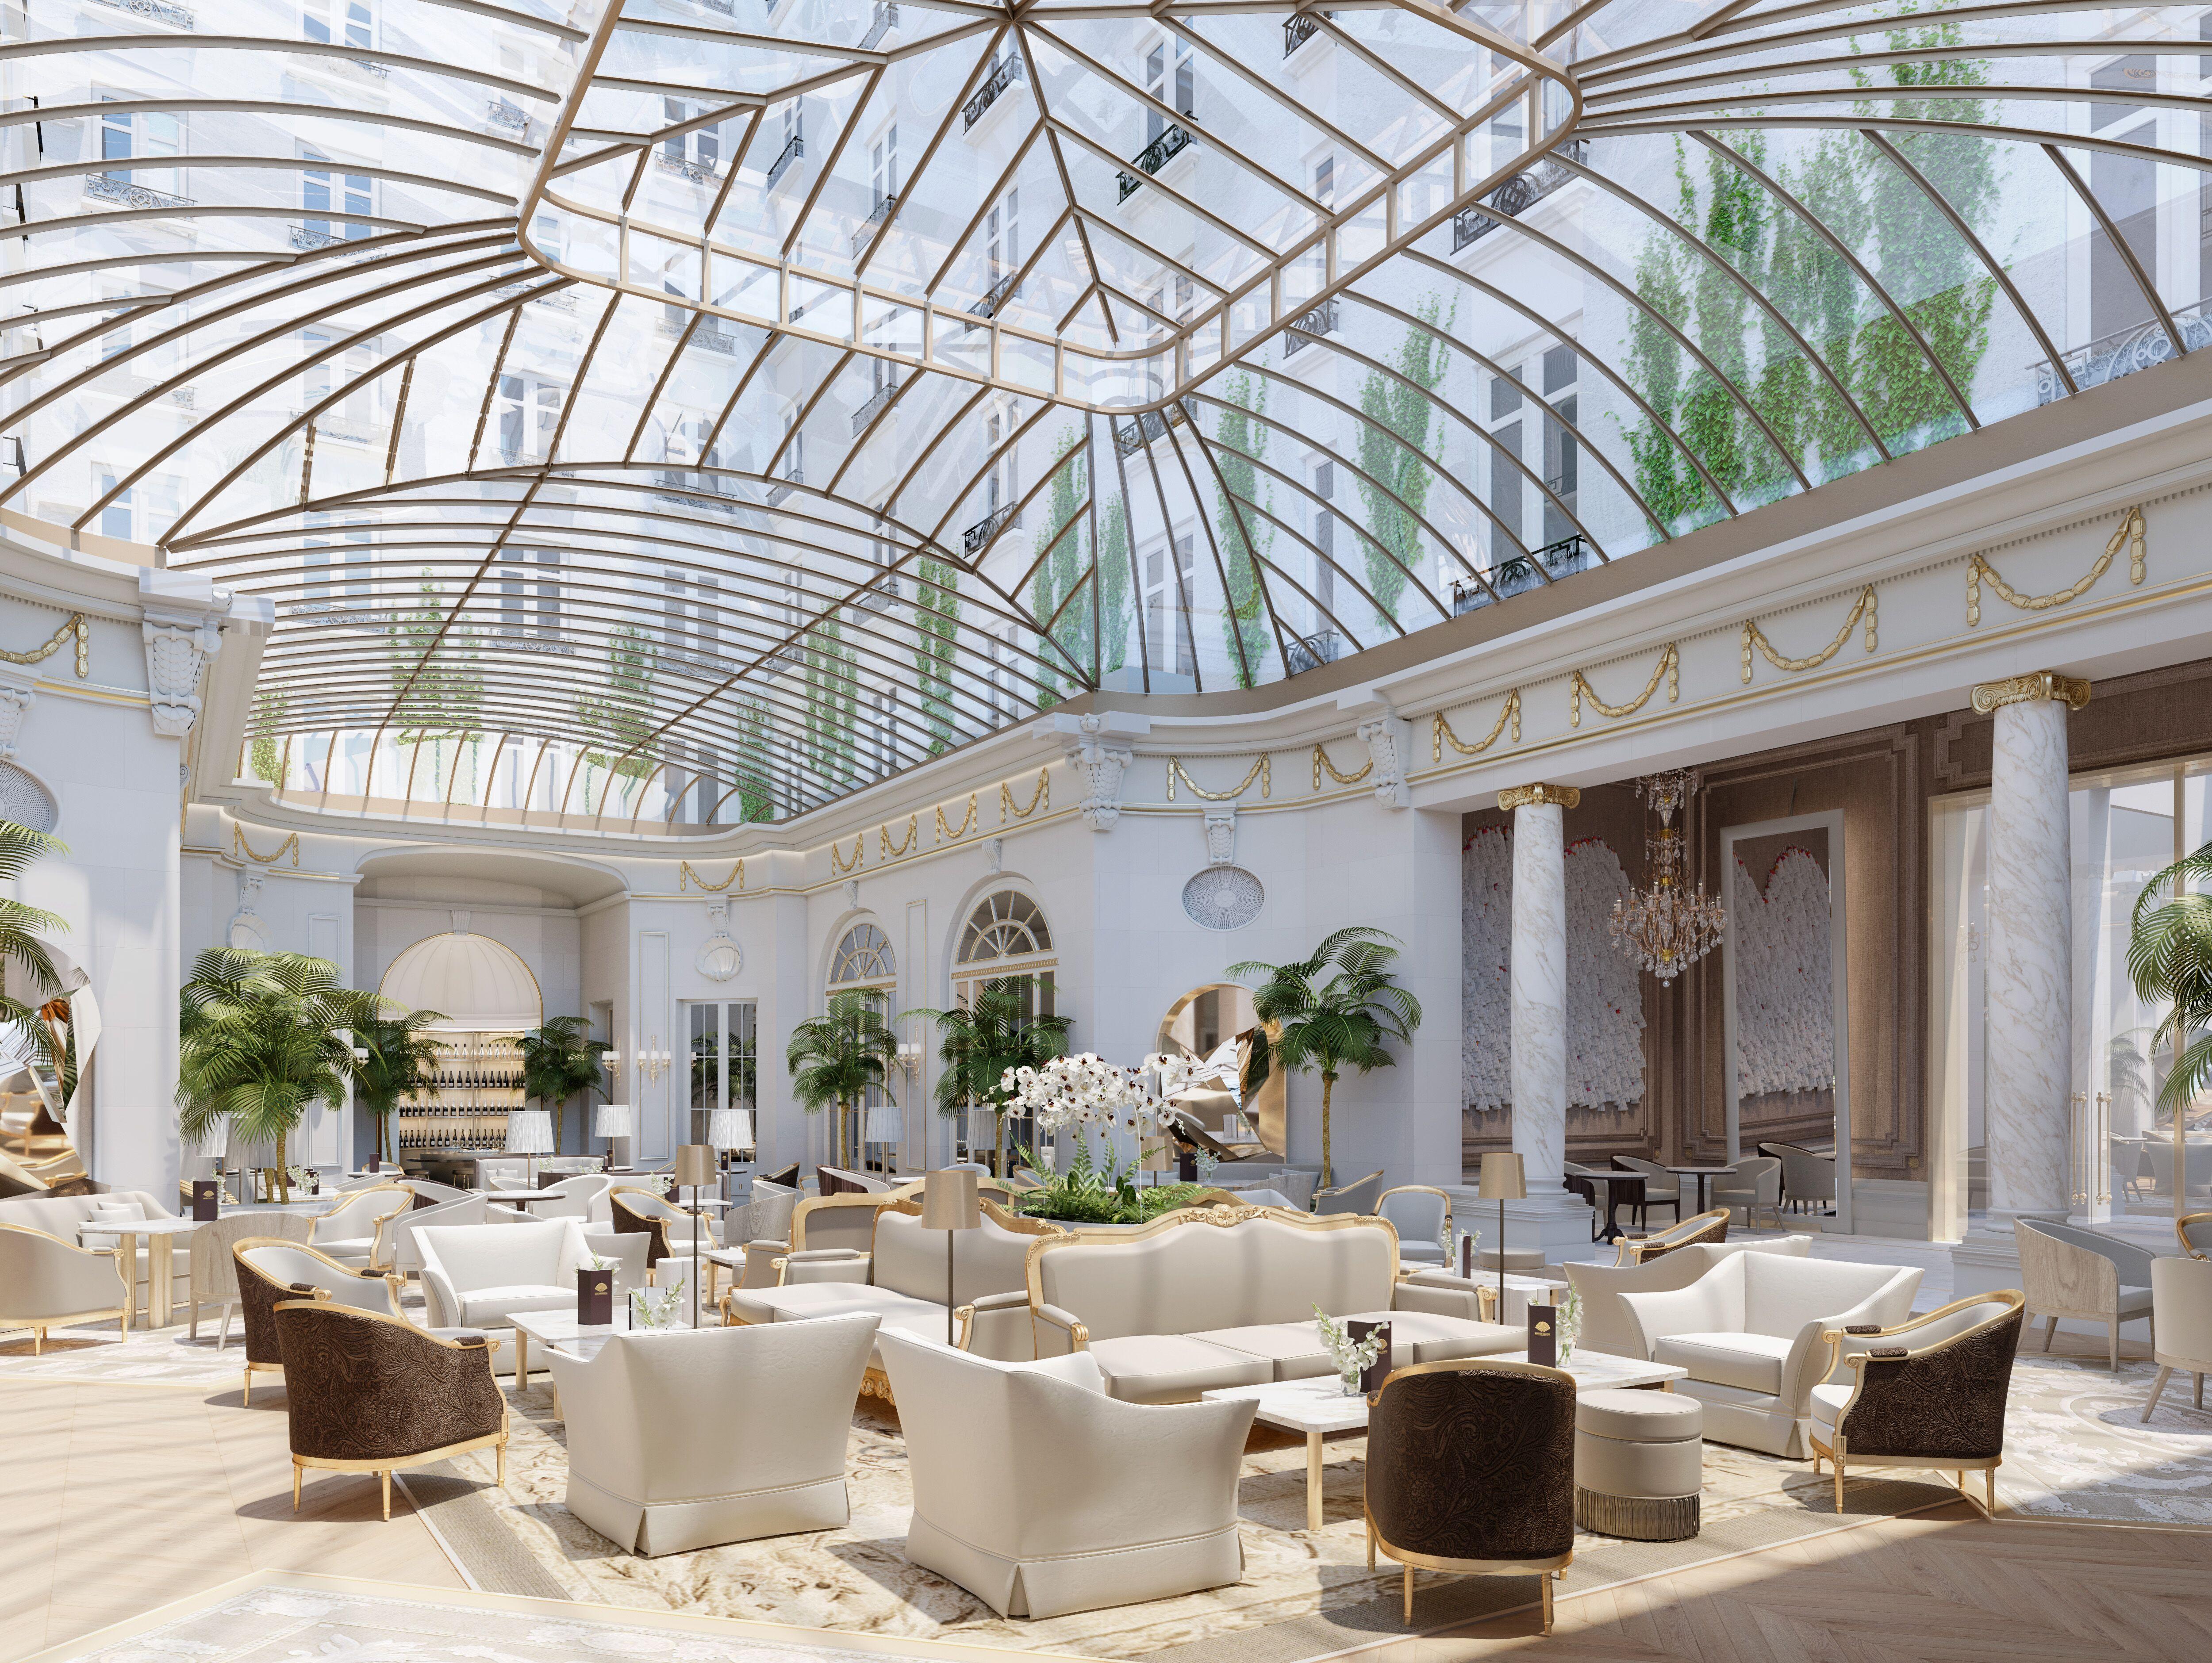 Es el famoso jardín del hotel, con la cúpula de cristal original